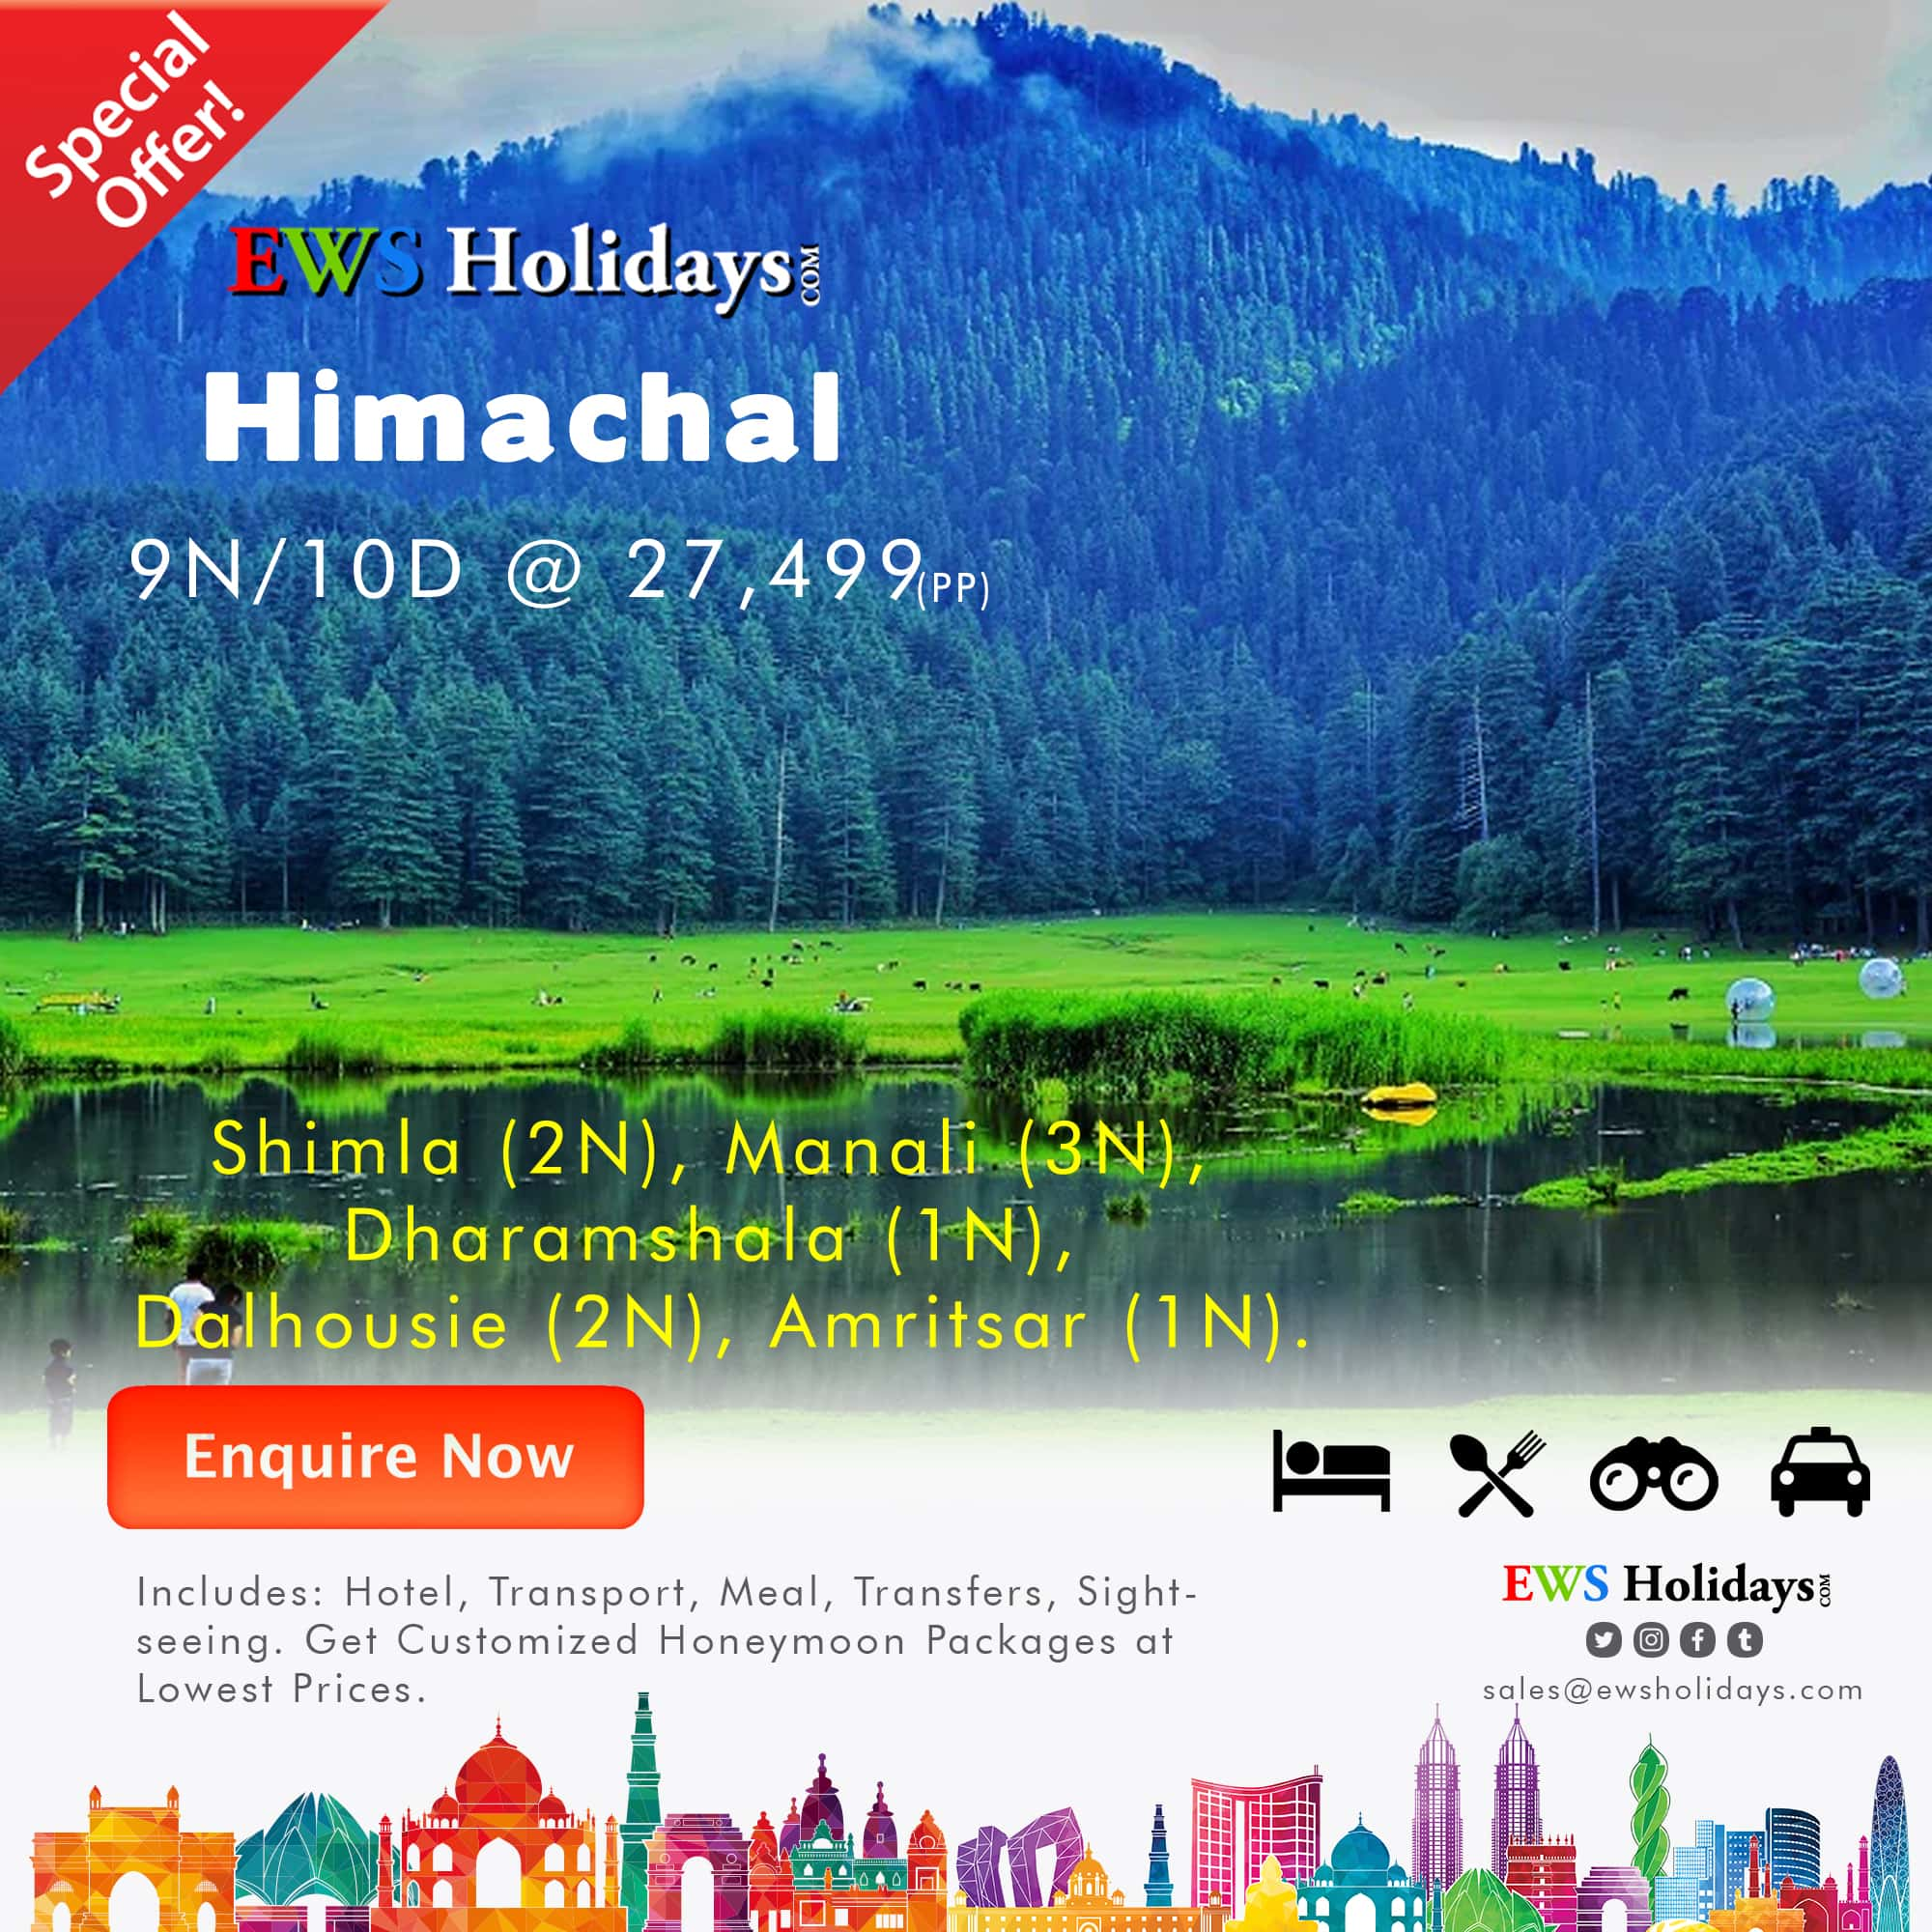 Himachal-9N-10D-1@-27,499